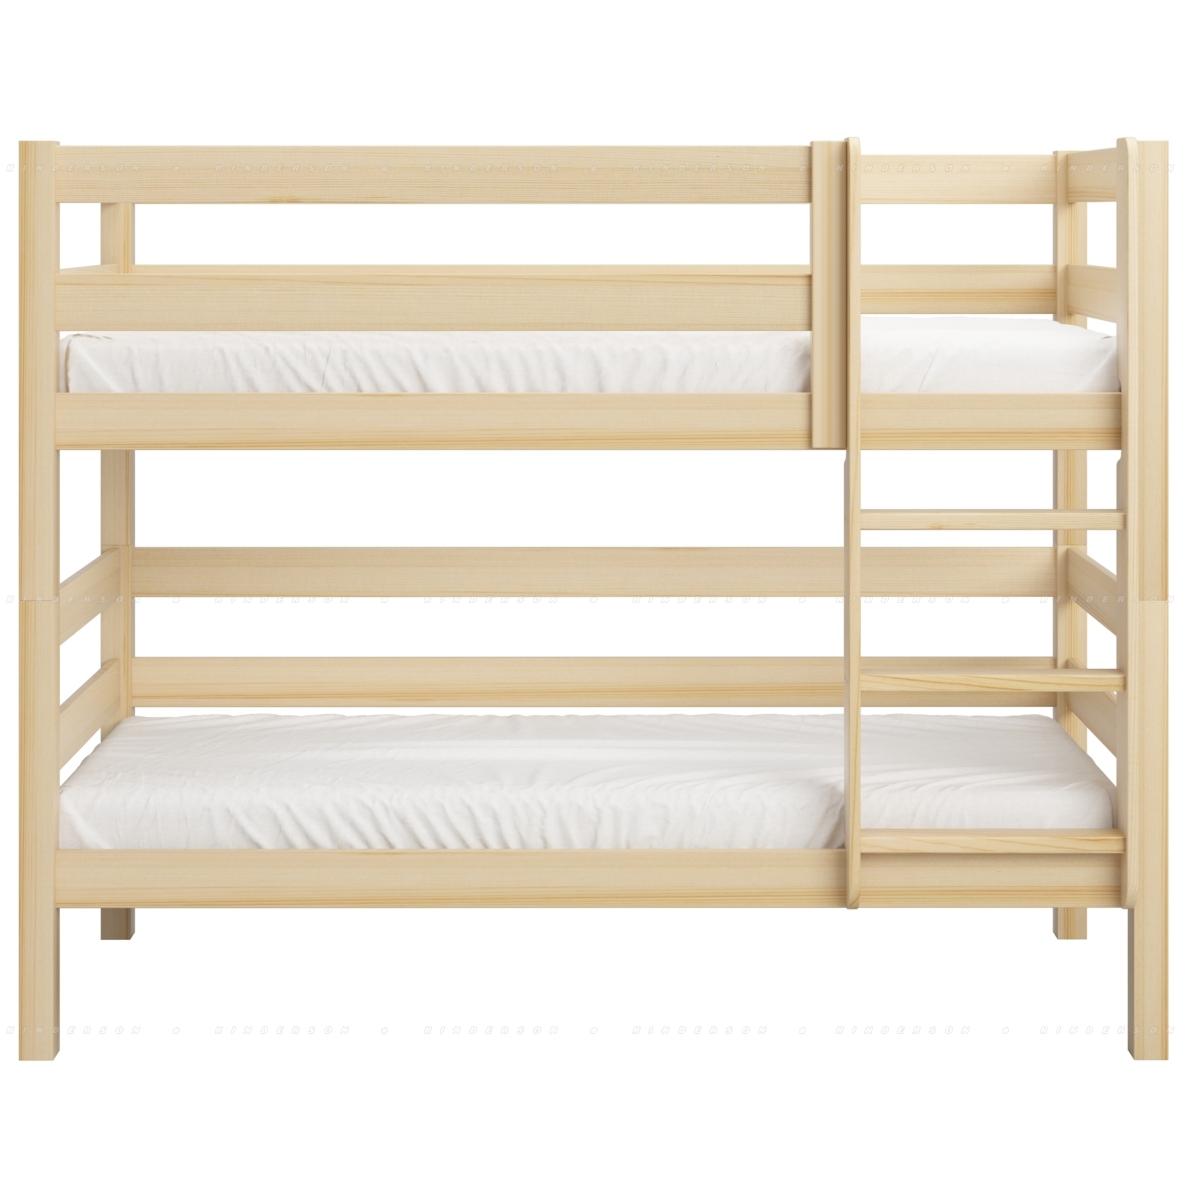 Установленный бортик на двухъярусной кровати добавляет жесткости к конструкции.